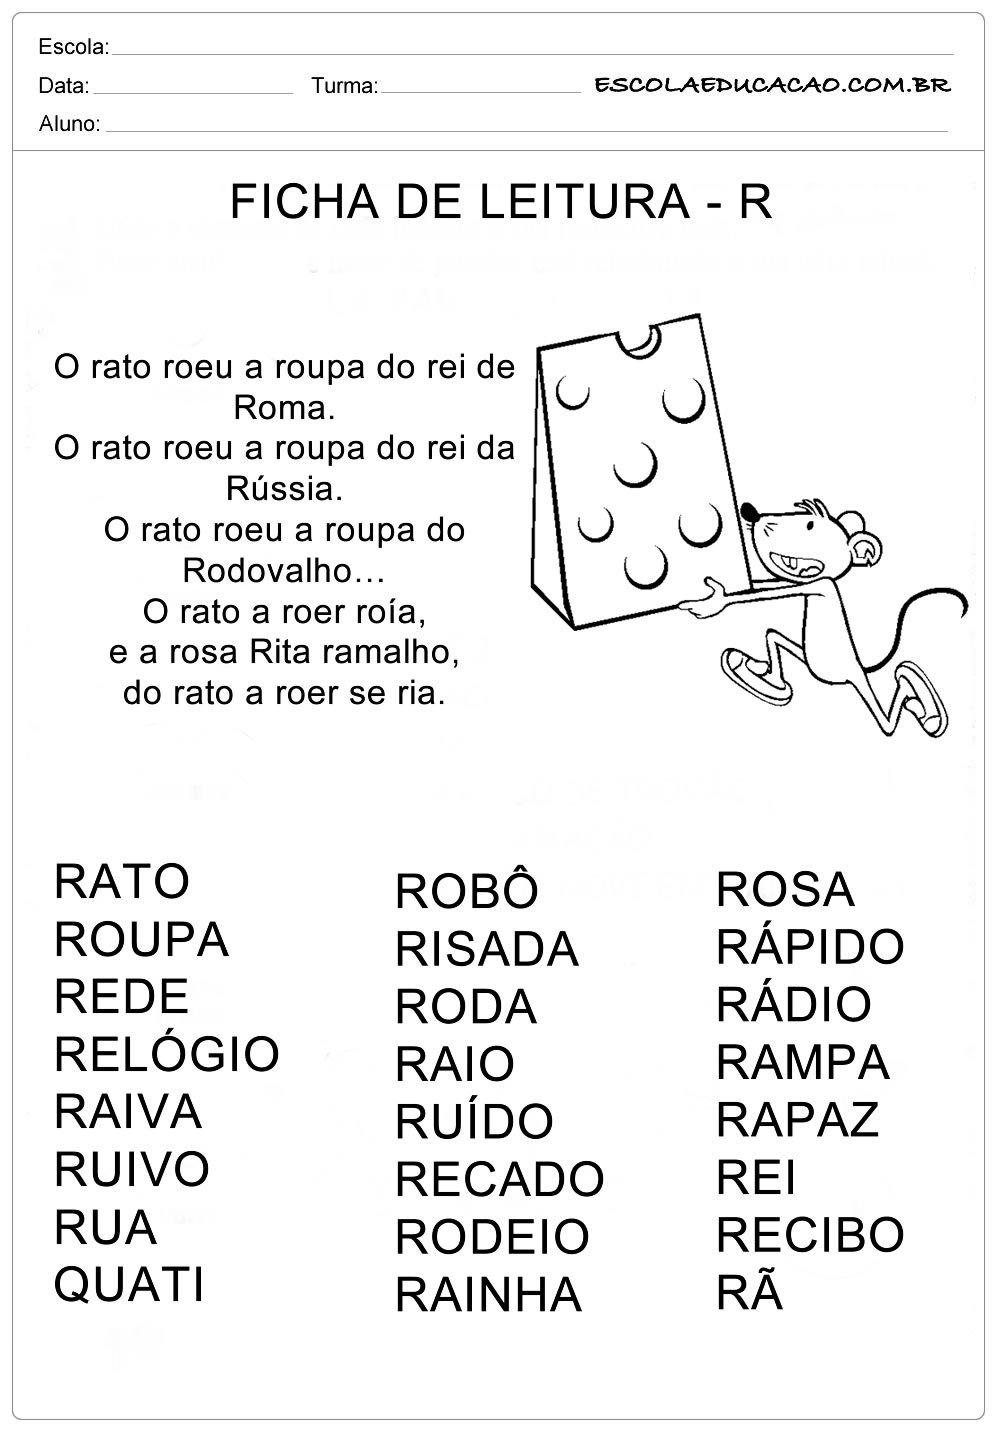 Ficha de Leitura Letra R – Rato